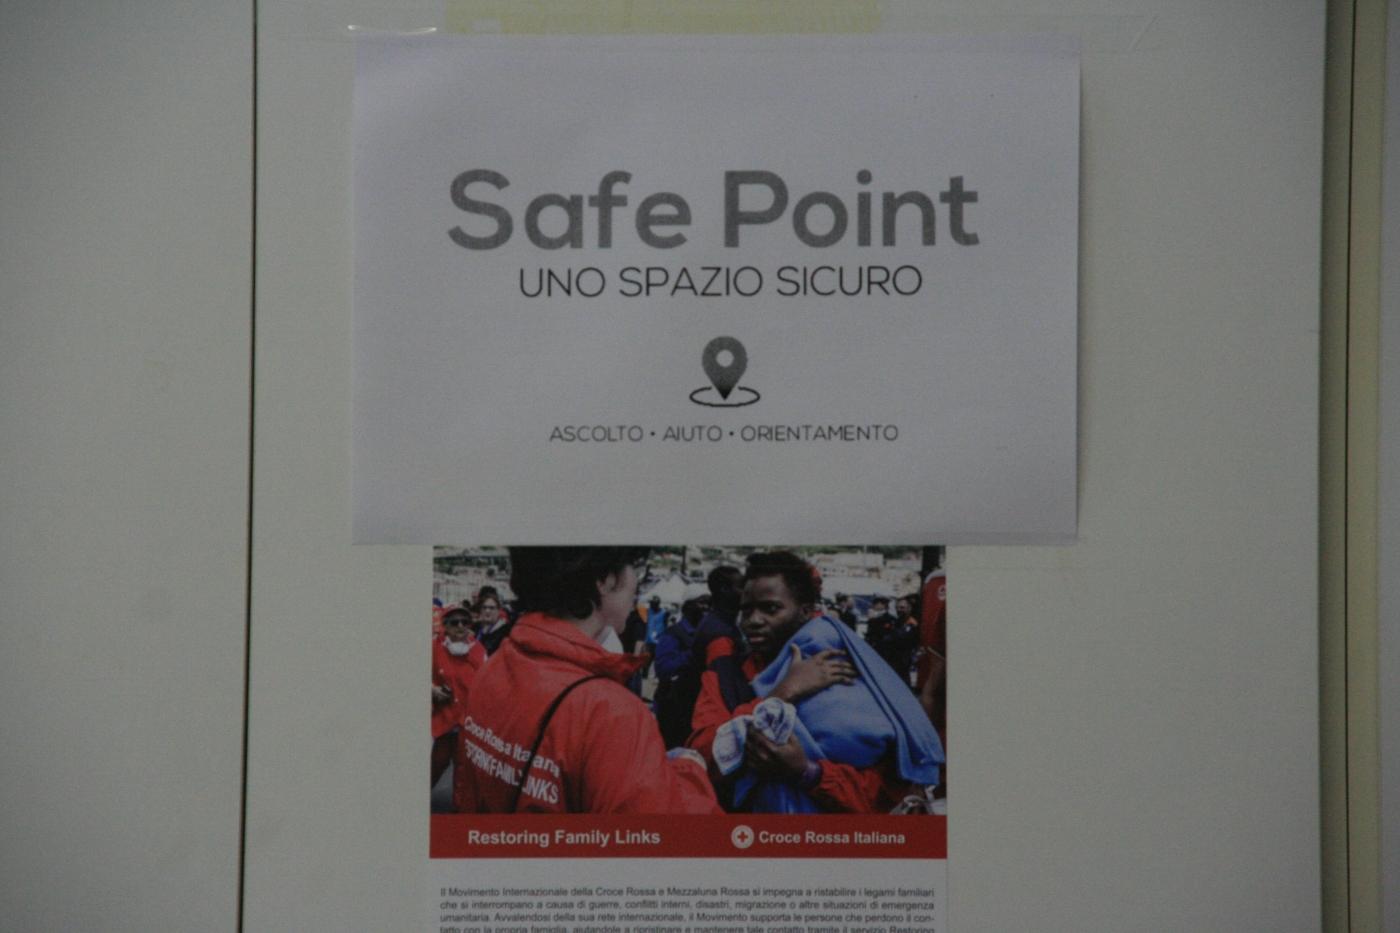 Safe point a Gorizia: luogo sicuro per chi resta fuori dall'accoglienza